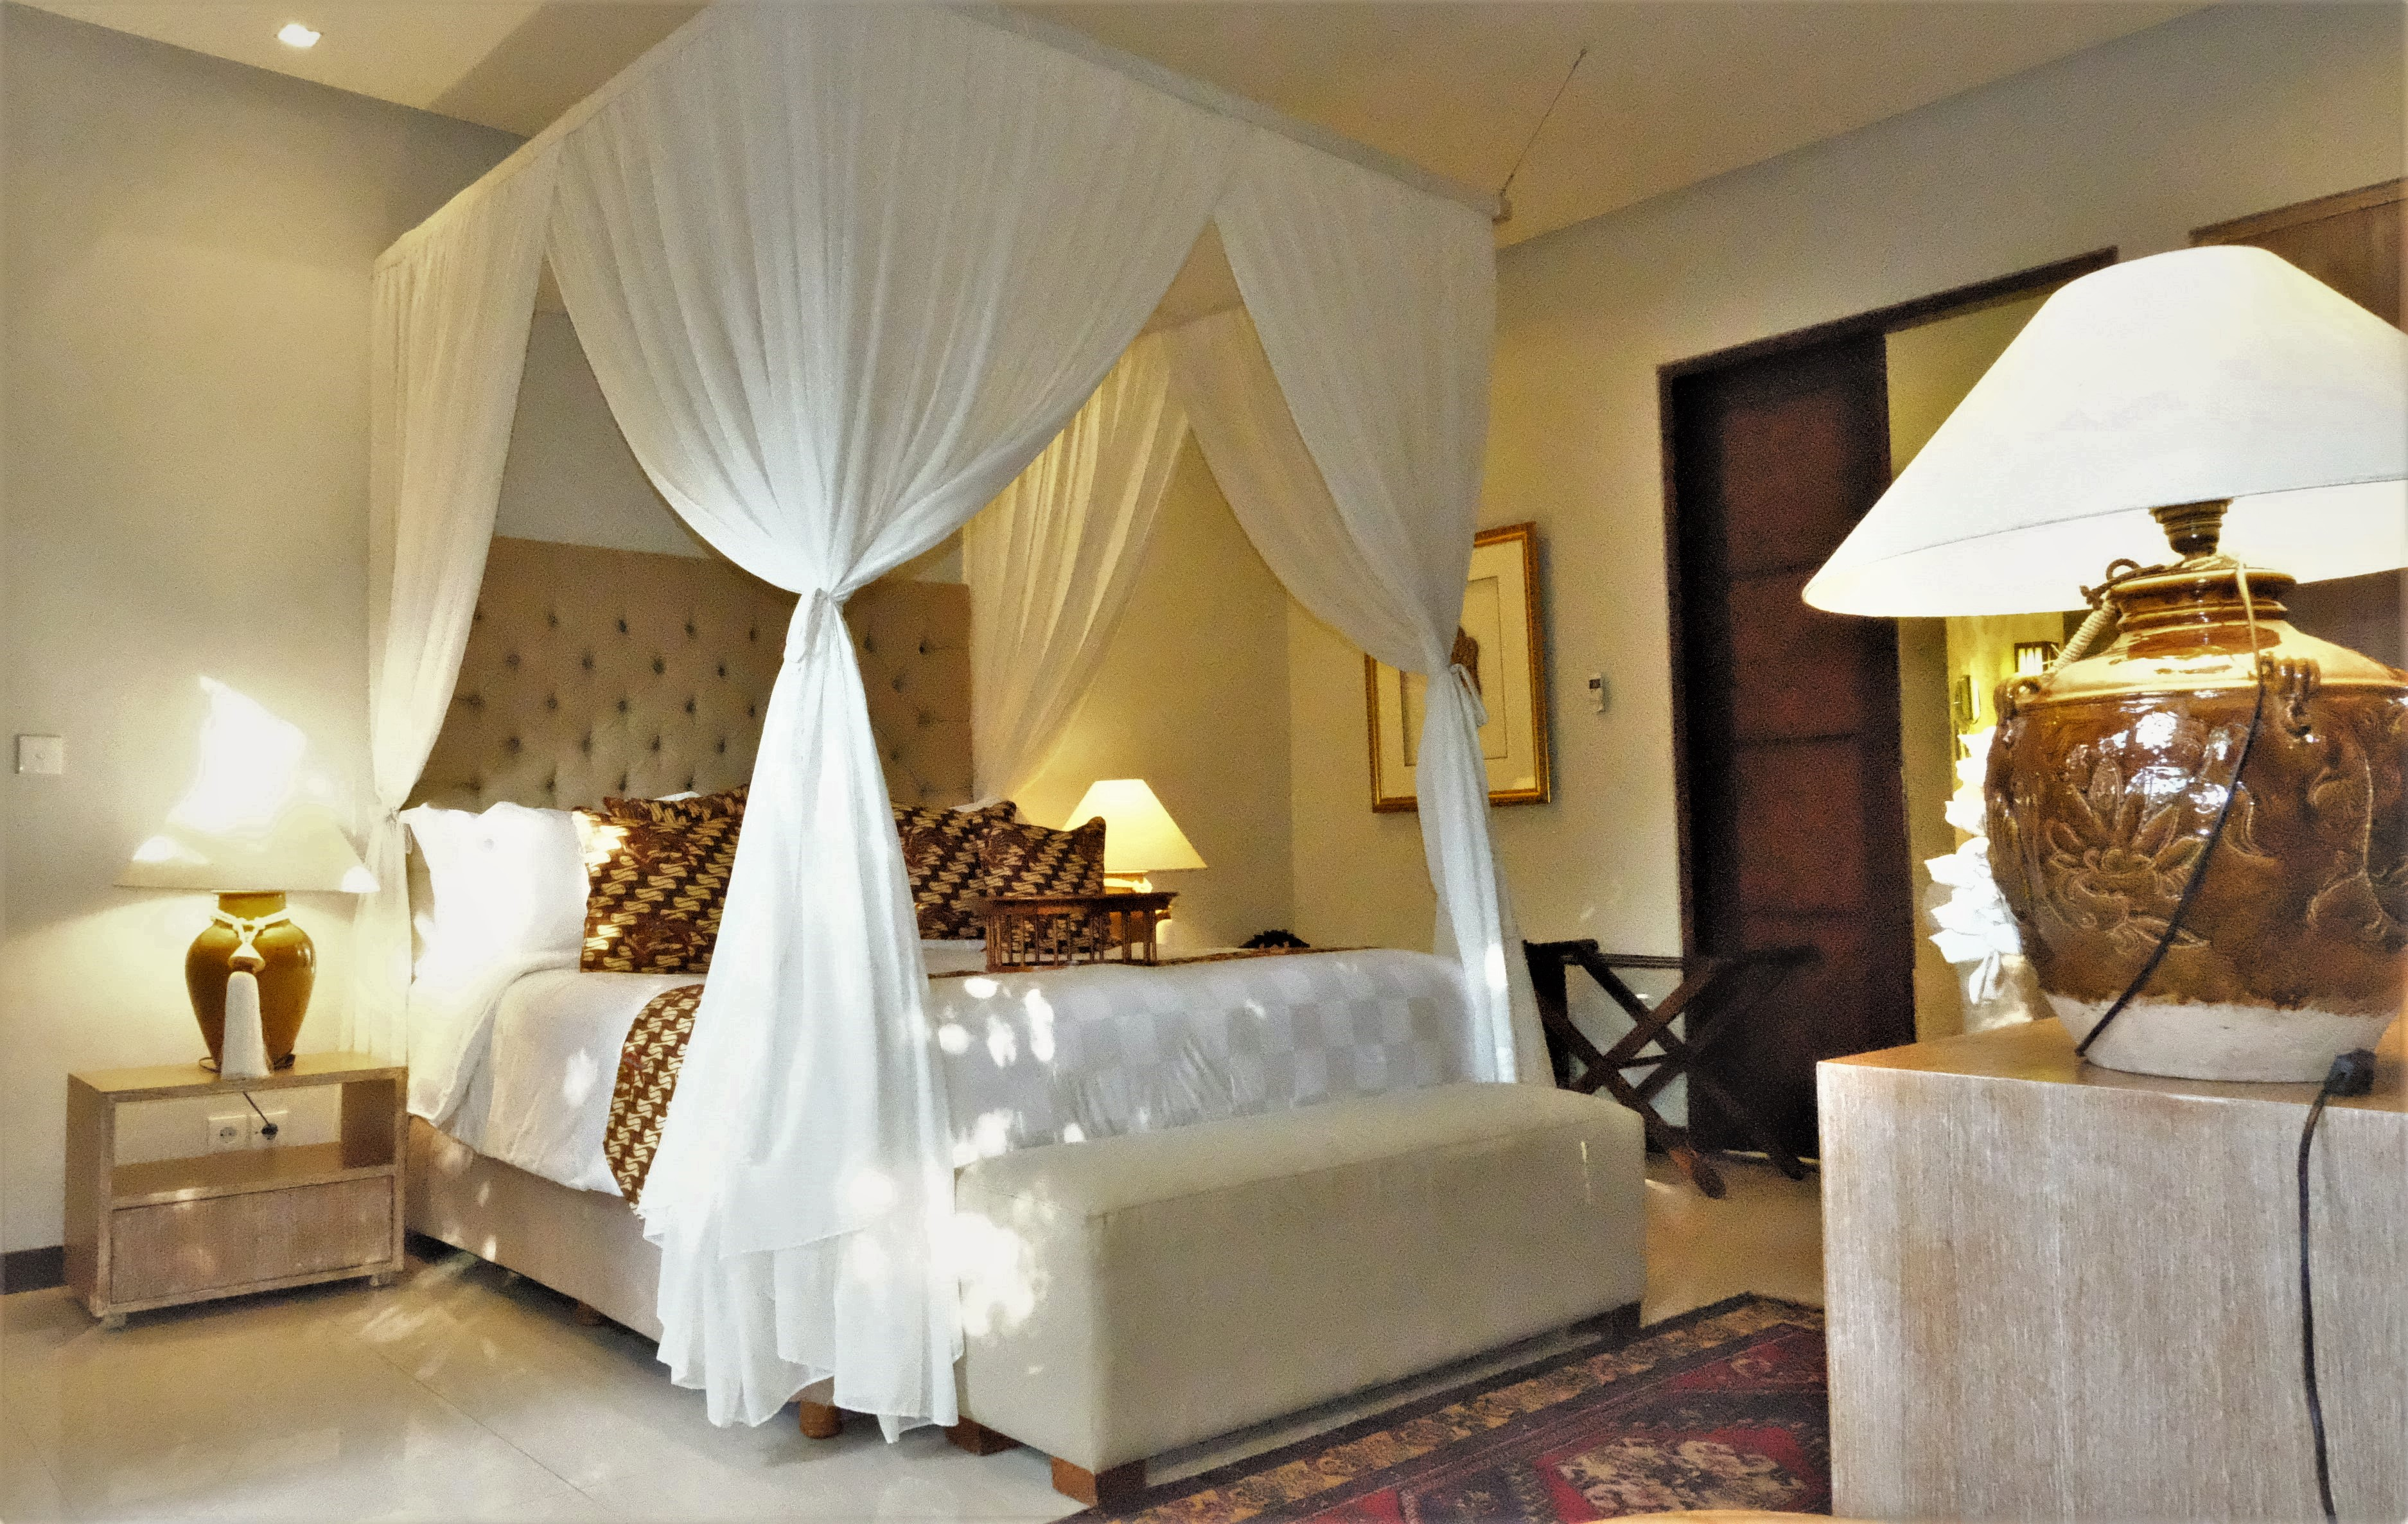 Room 1 bedroom